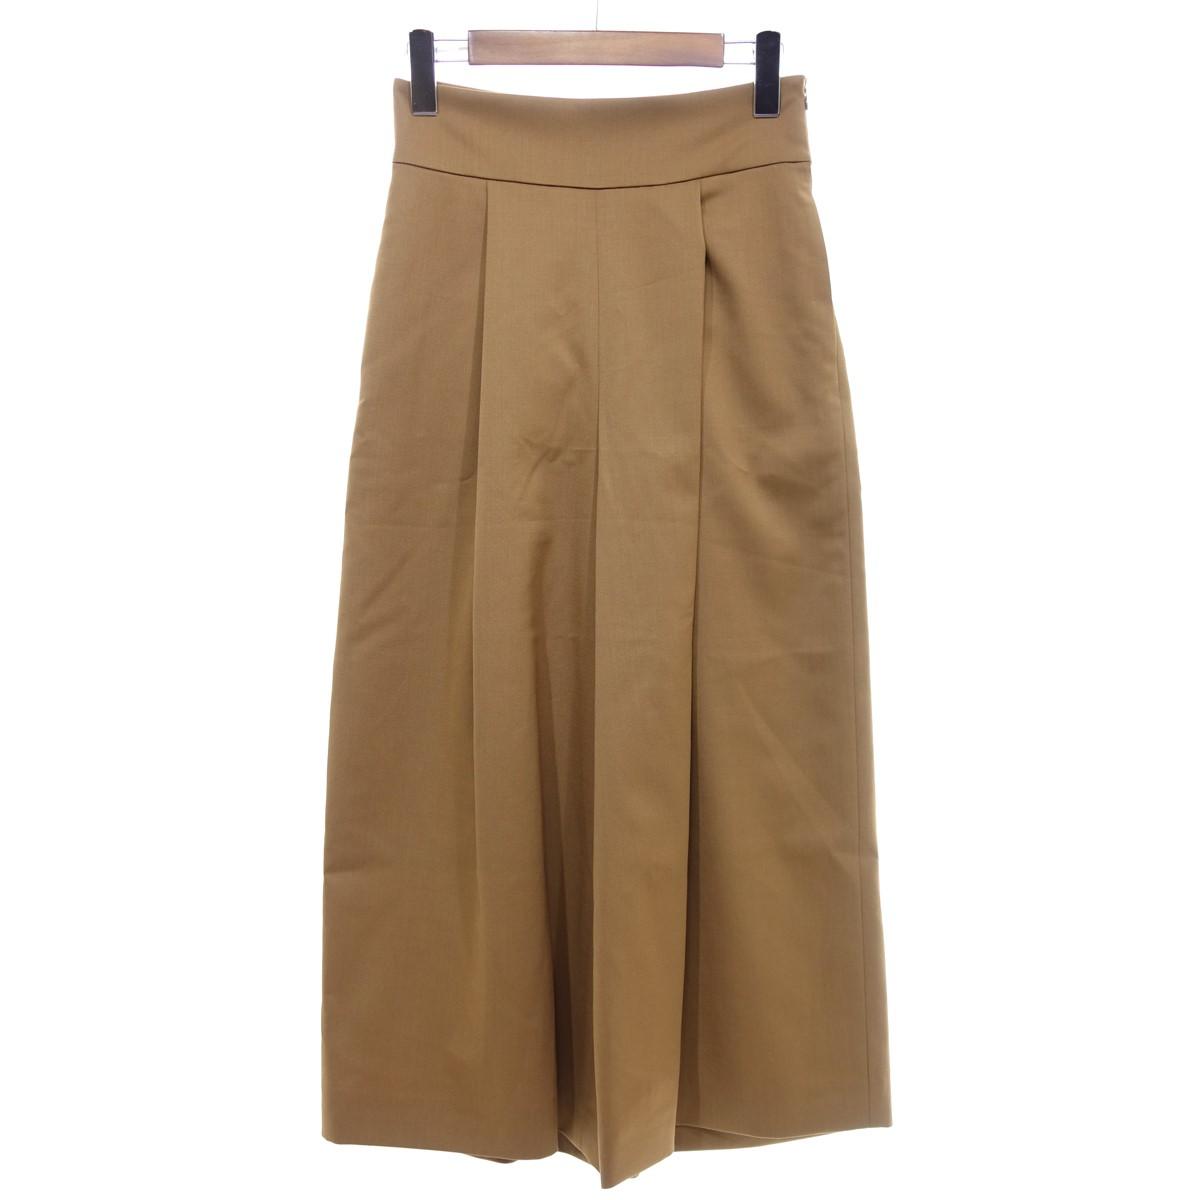 【中古】FOXEY Pants Style Up ブラウン サイズ:38 【260420】(フォクシー)